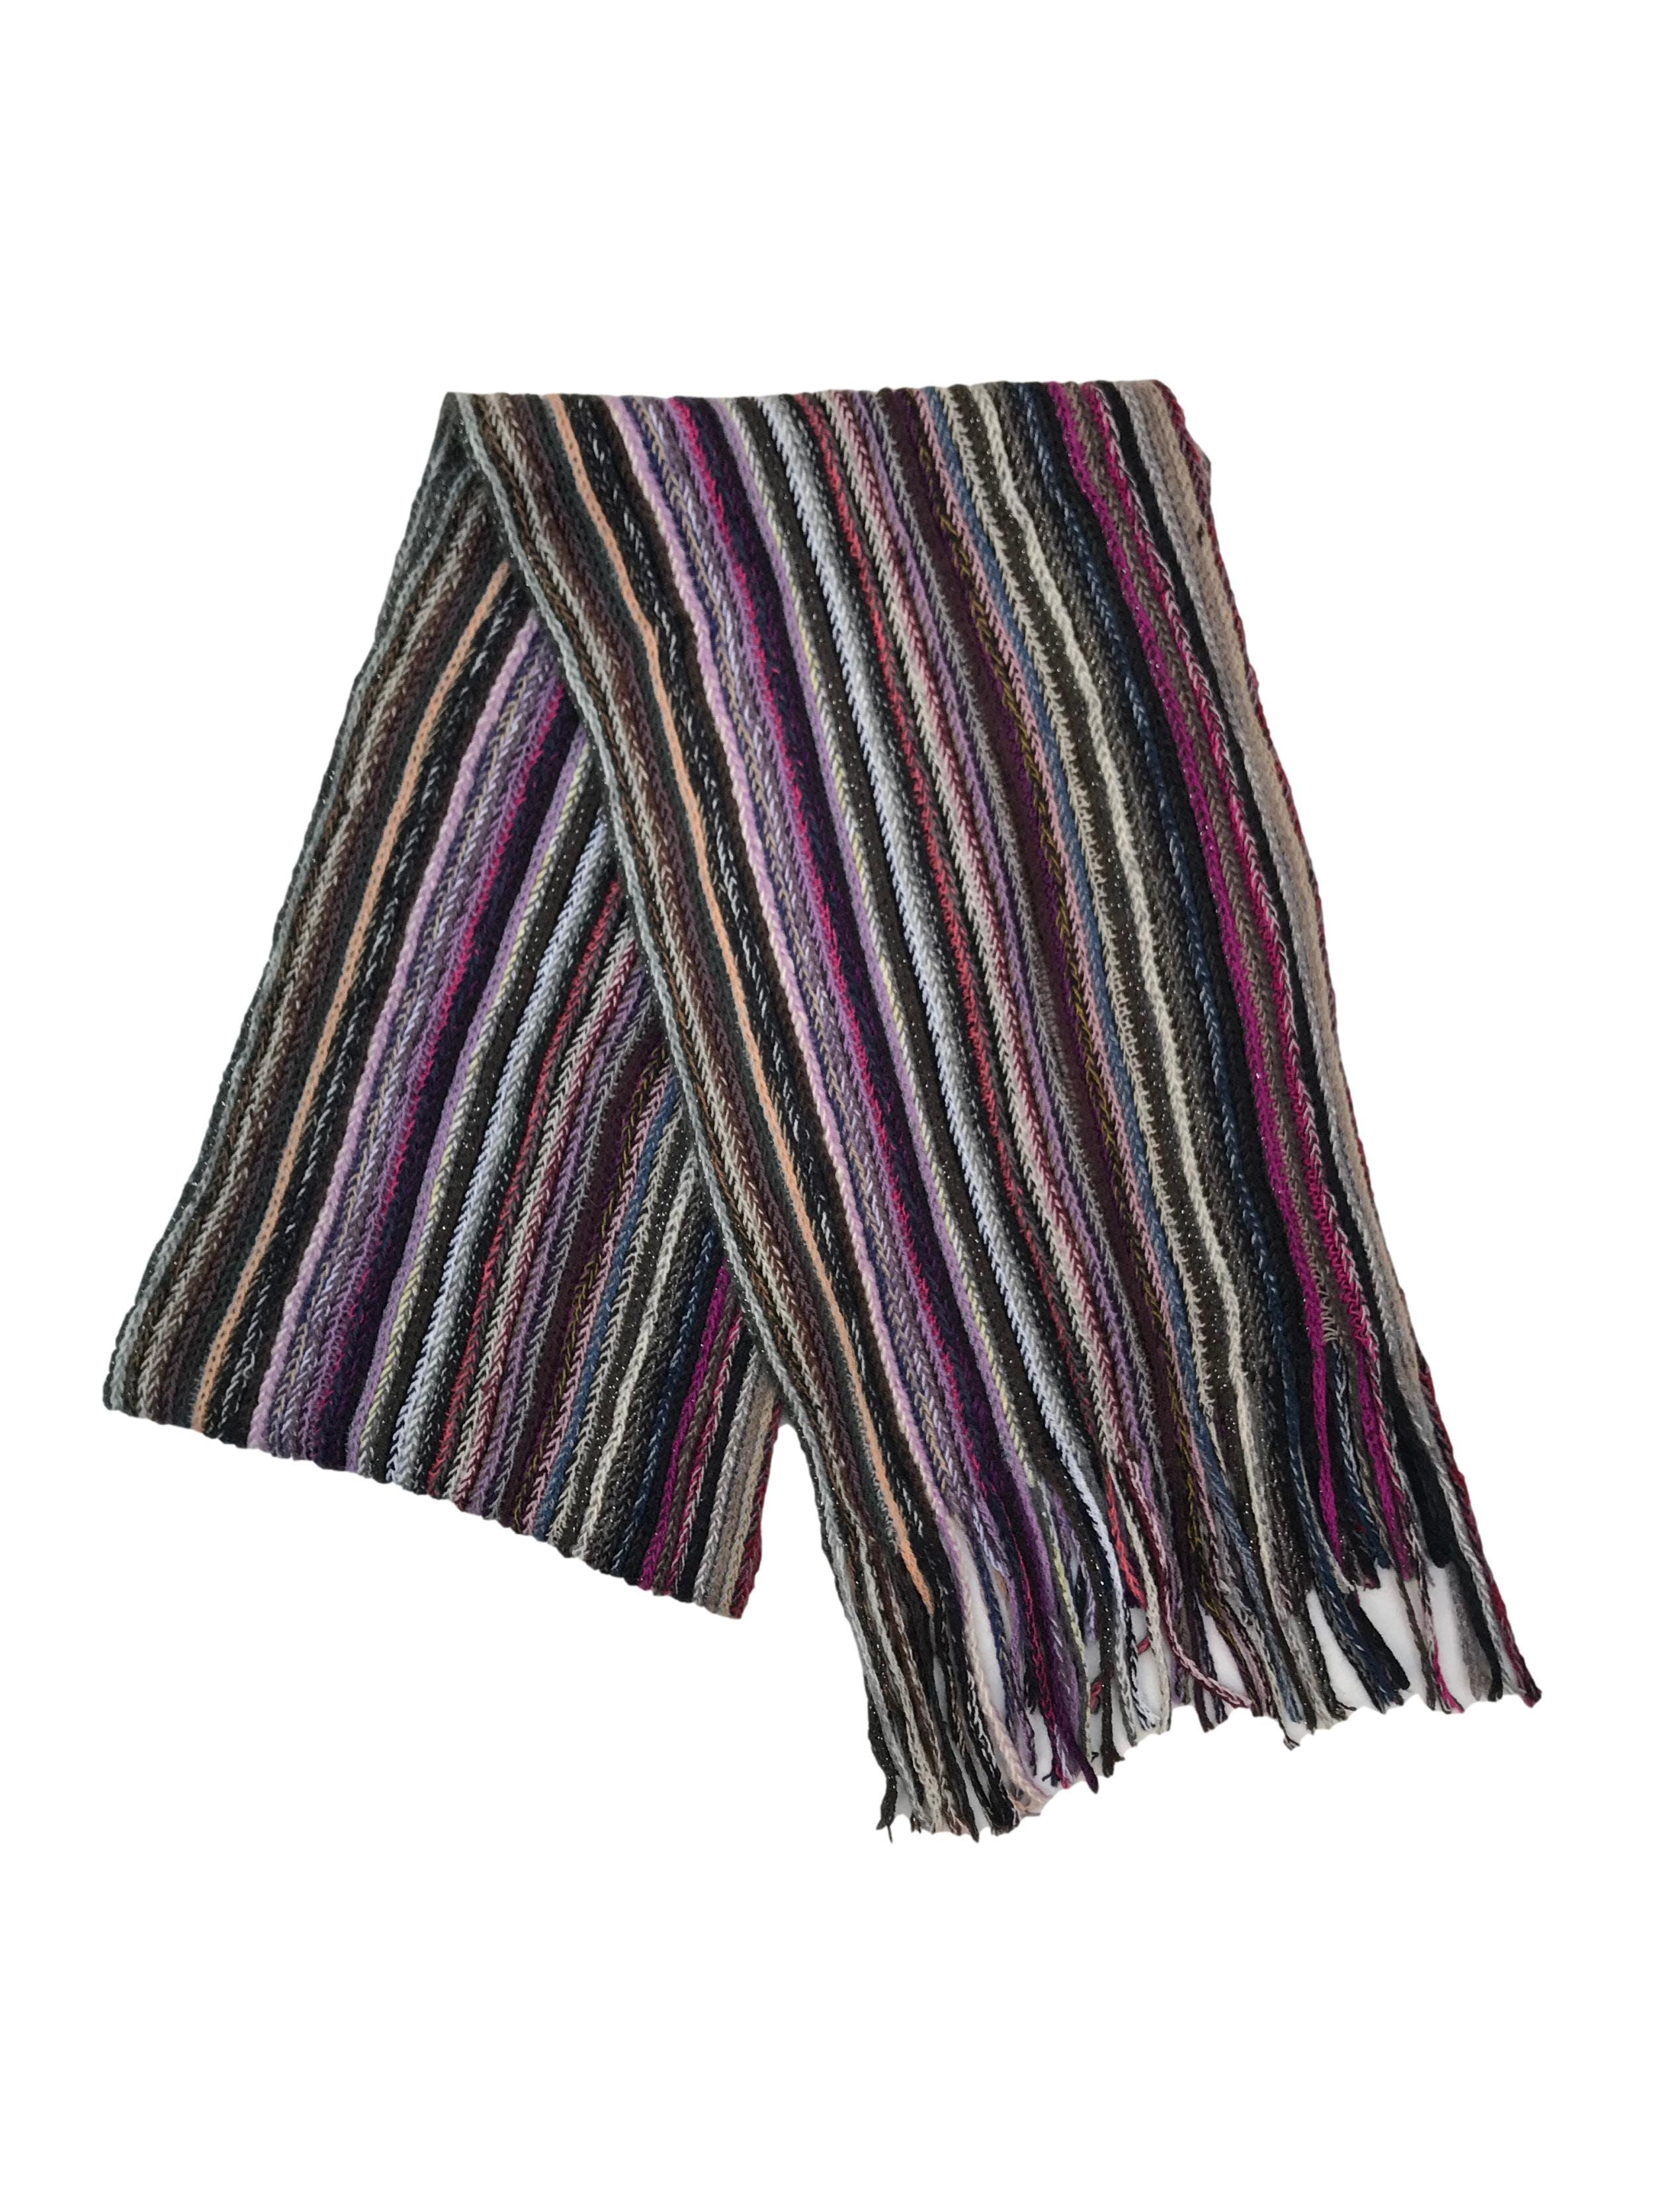 Chalina multicolor acanalada con flecos. Medidas 170x25cm